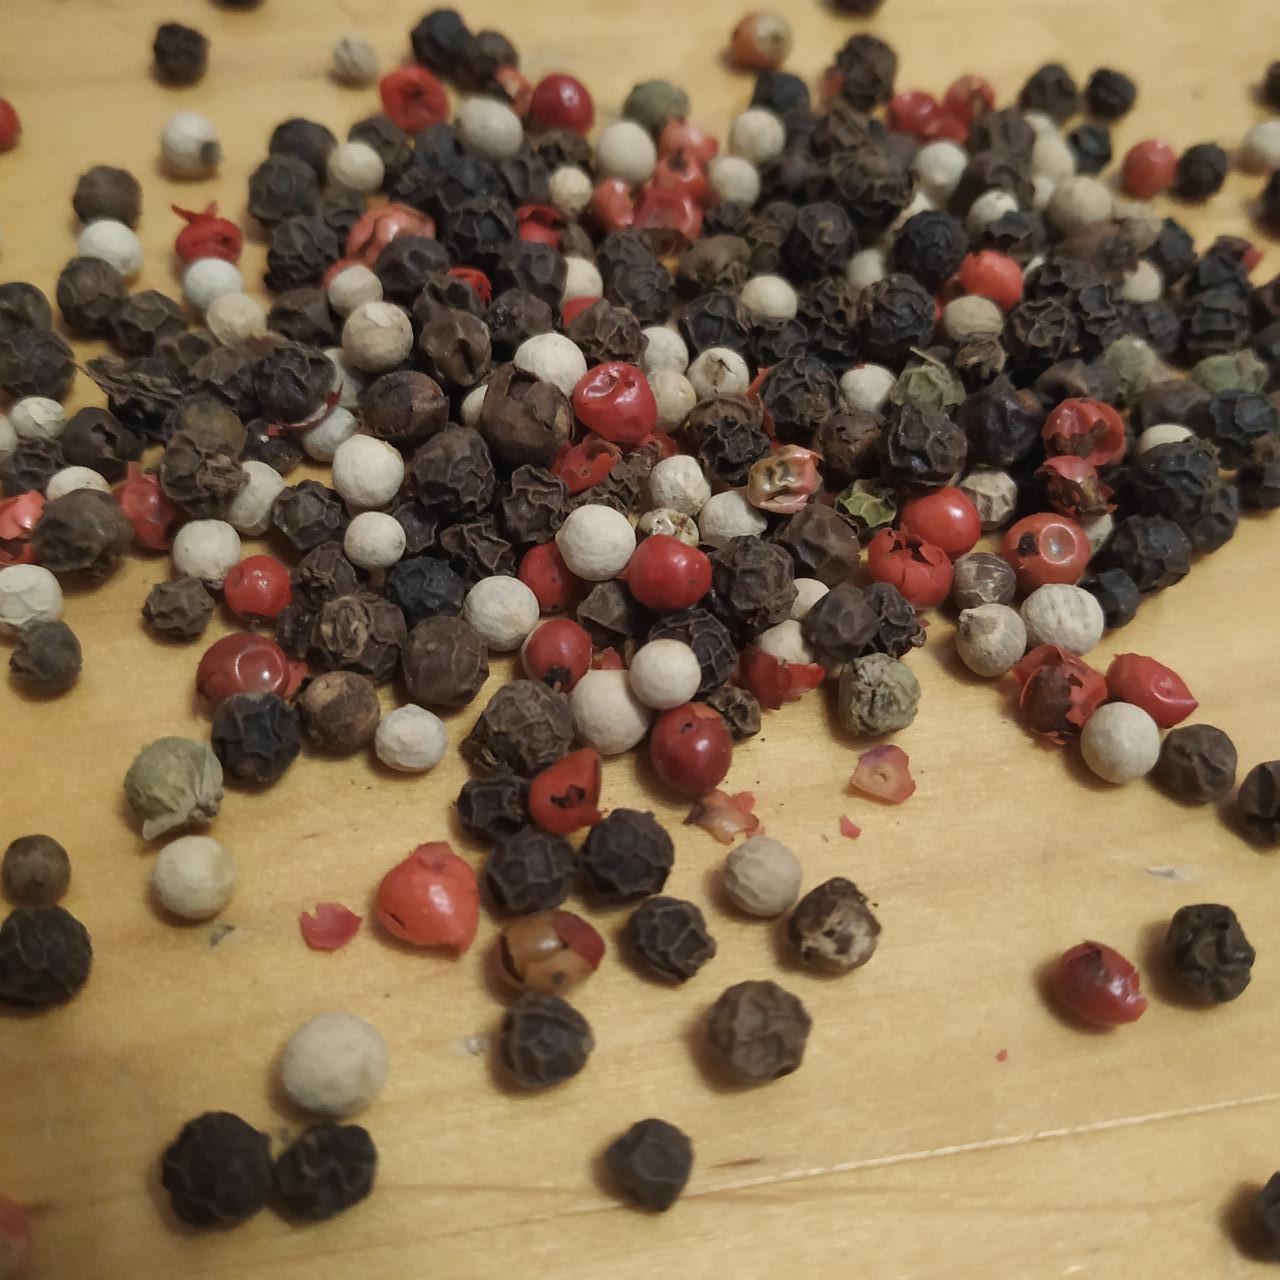 Перець горошок, суміш смачних духмяних перців 50 г